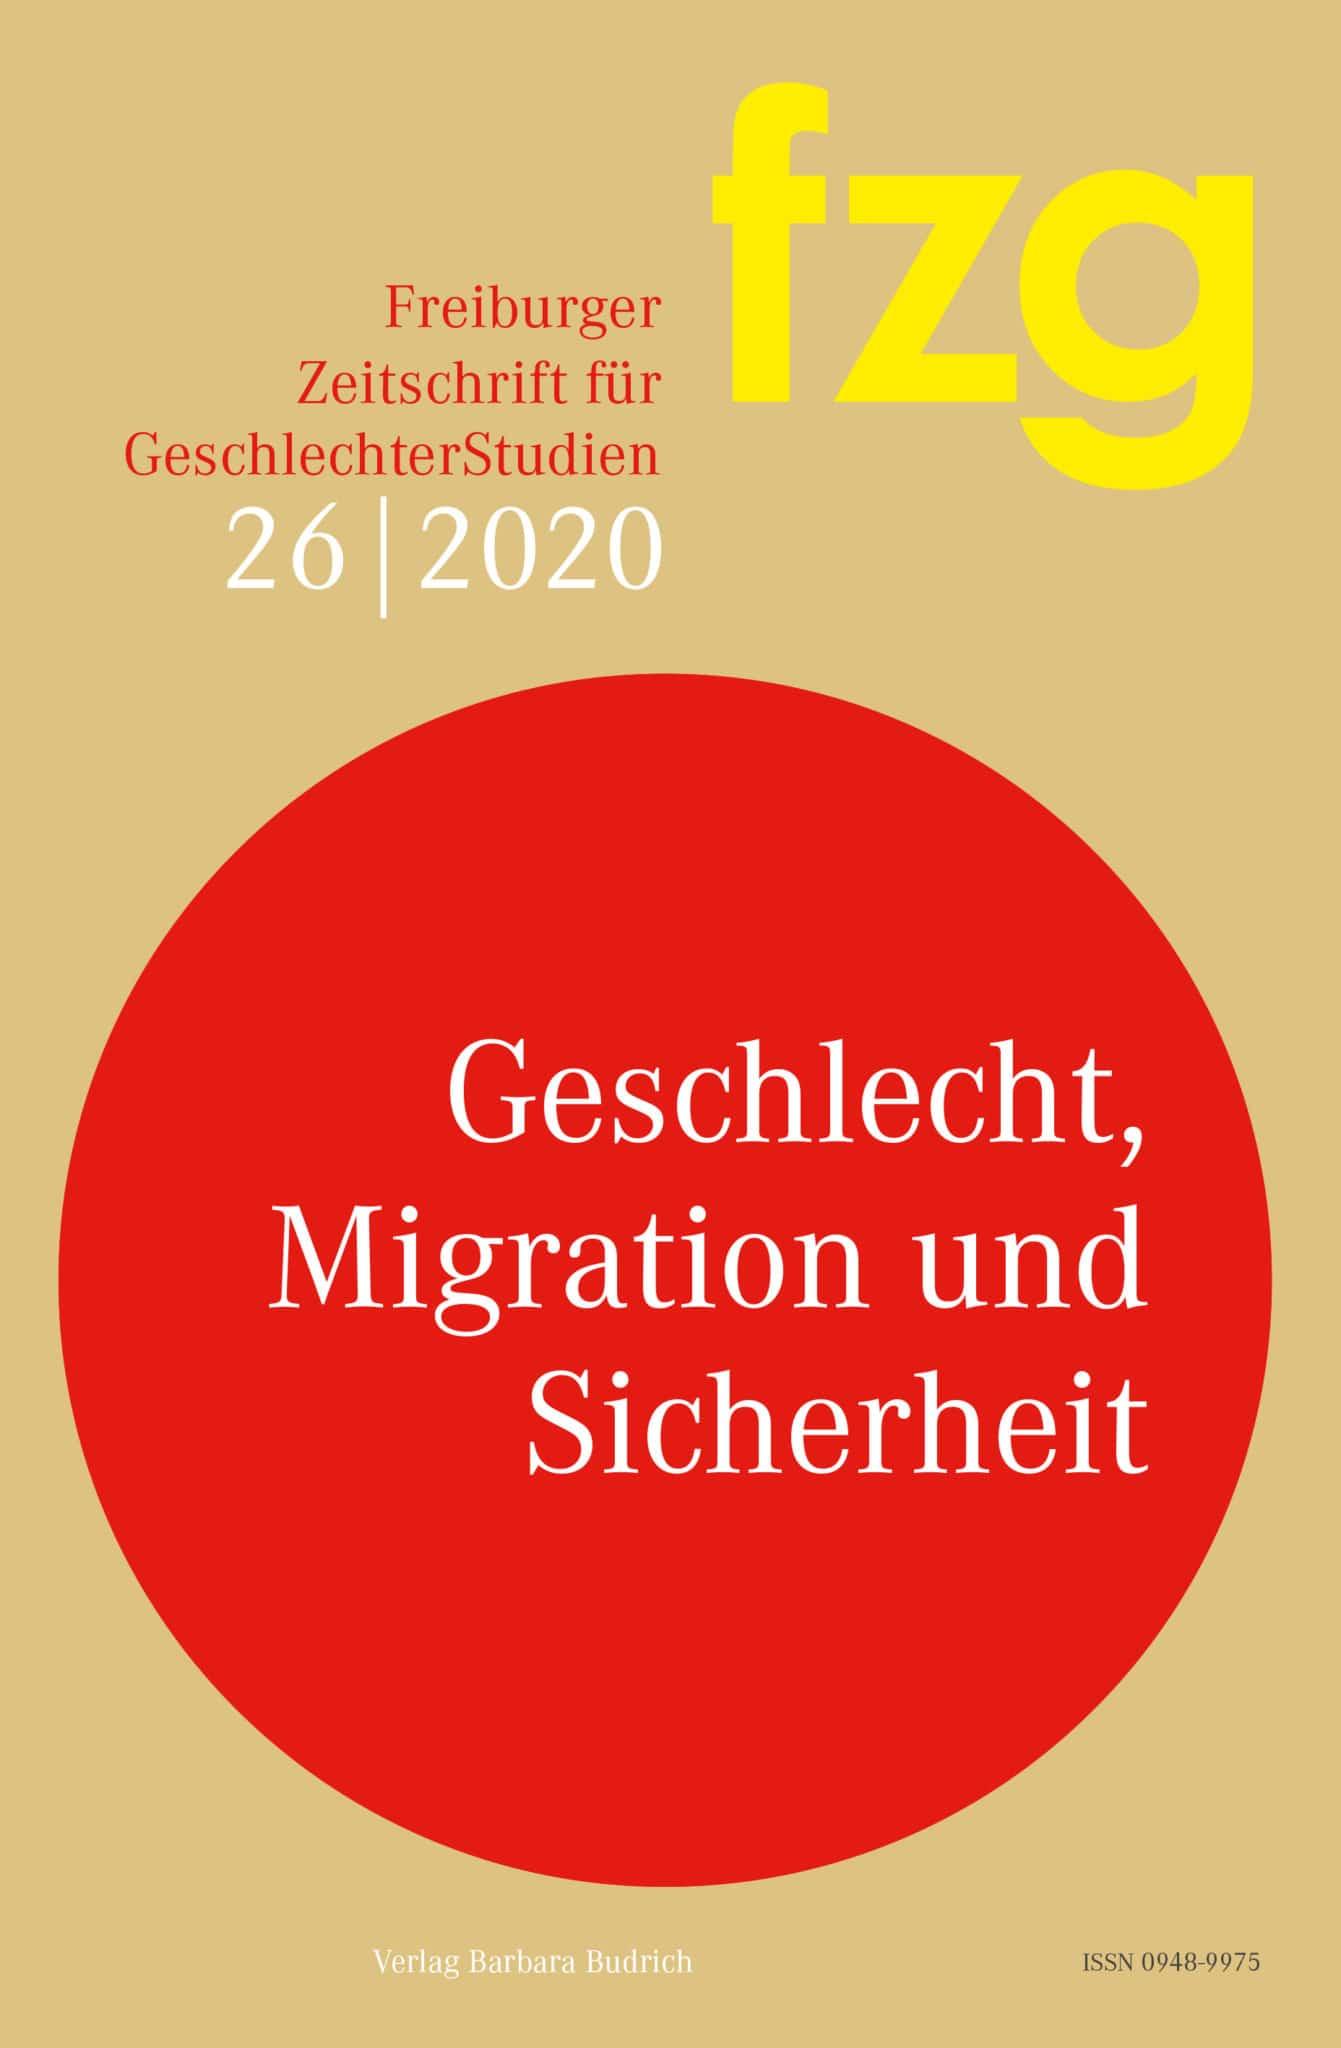 FZG – Freiburger Zeitschrift für GeschlechterStudien 2020: Geschlecht, Migration und Sicherheit